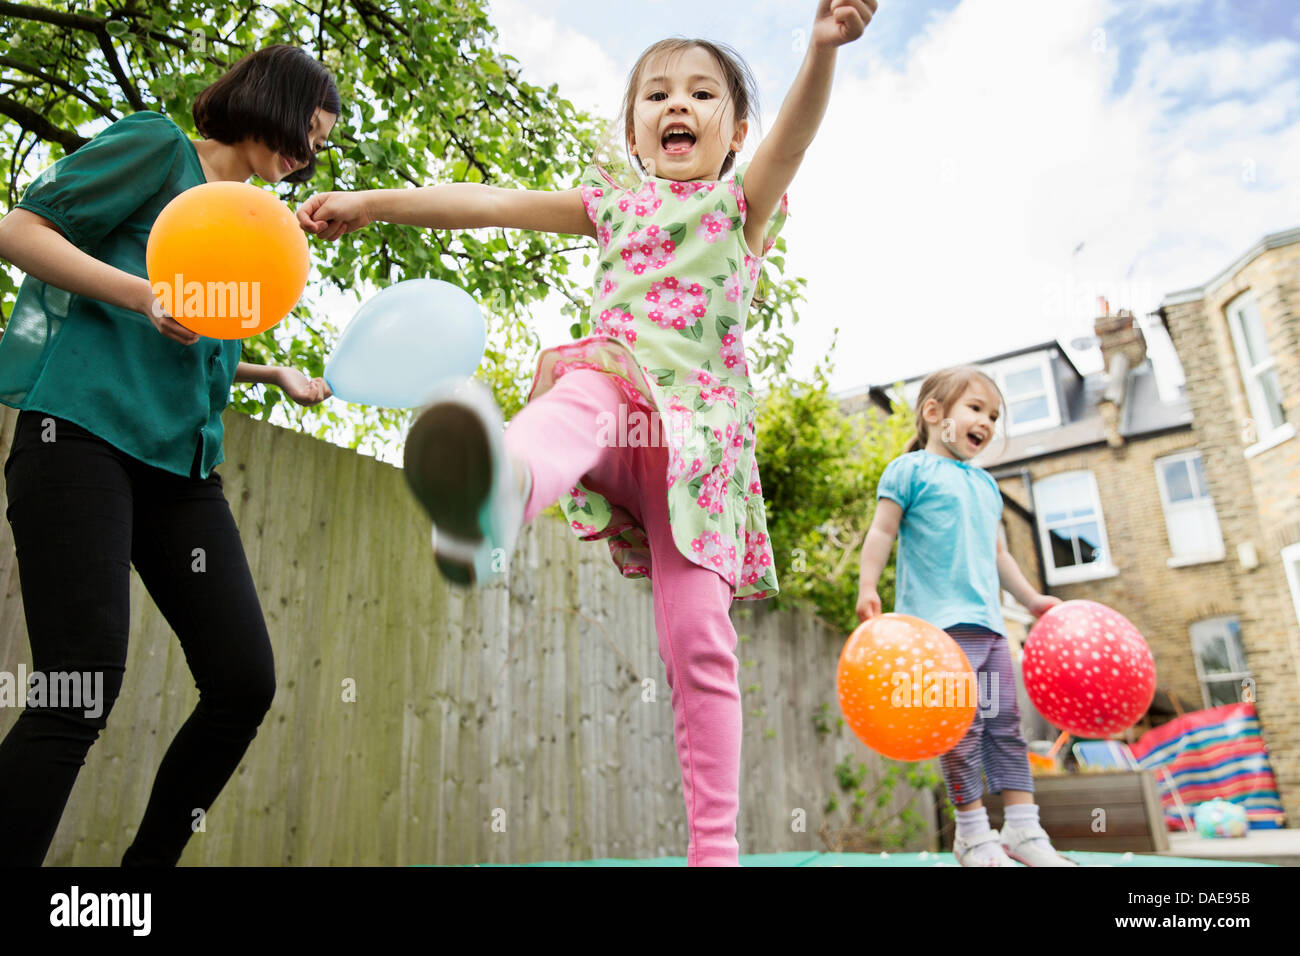 La mère et les filles jouant dans le jardin avec des ballons Photo Stock